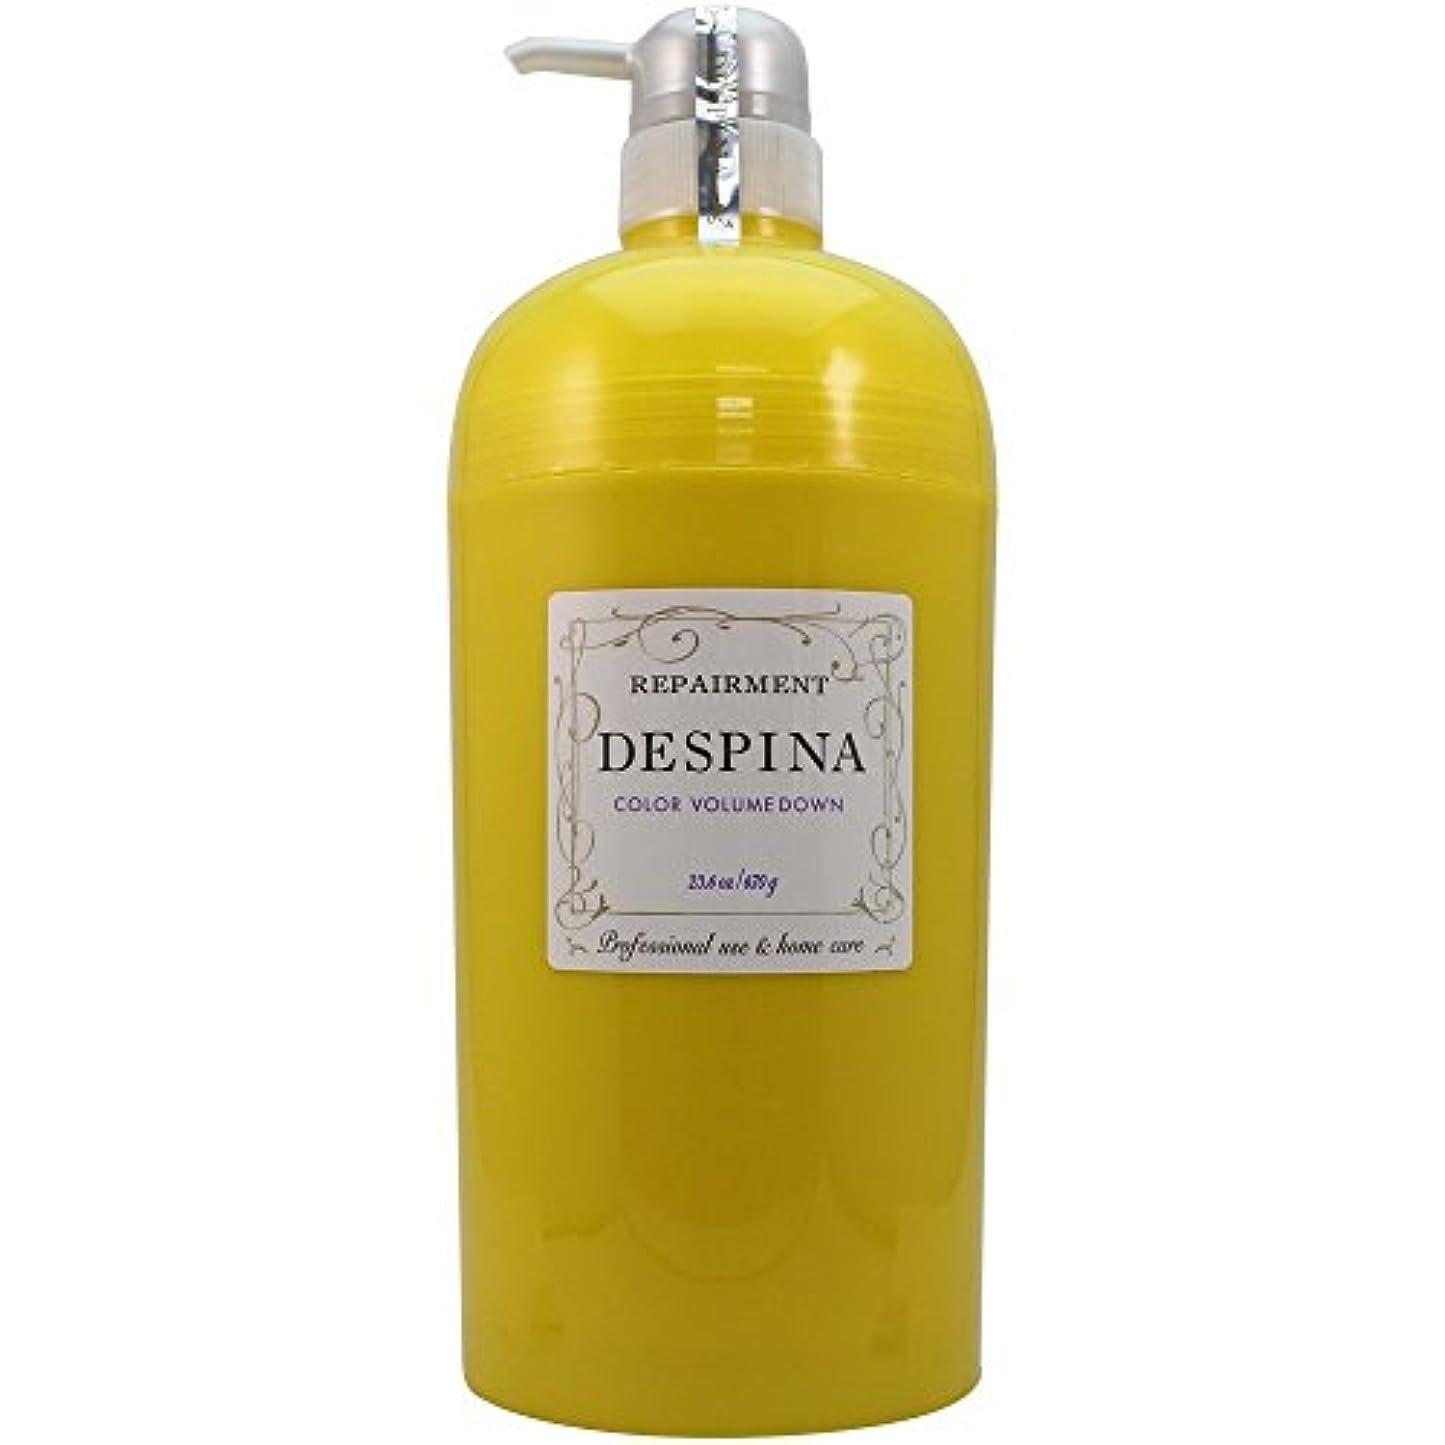 熟した銅生産性中野製薬 デスピナ リペアメント カラー ボリュームダウン 670g